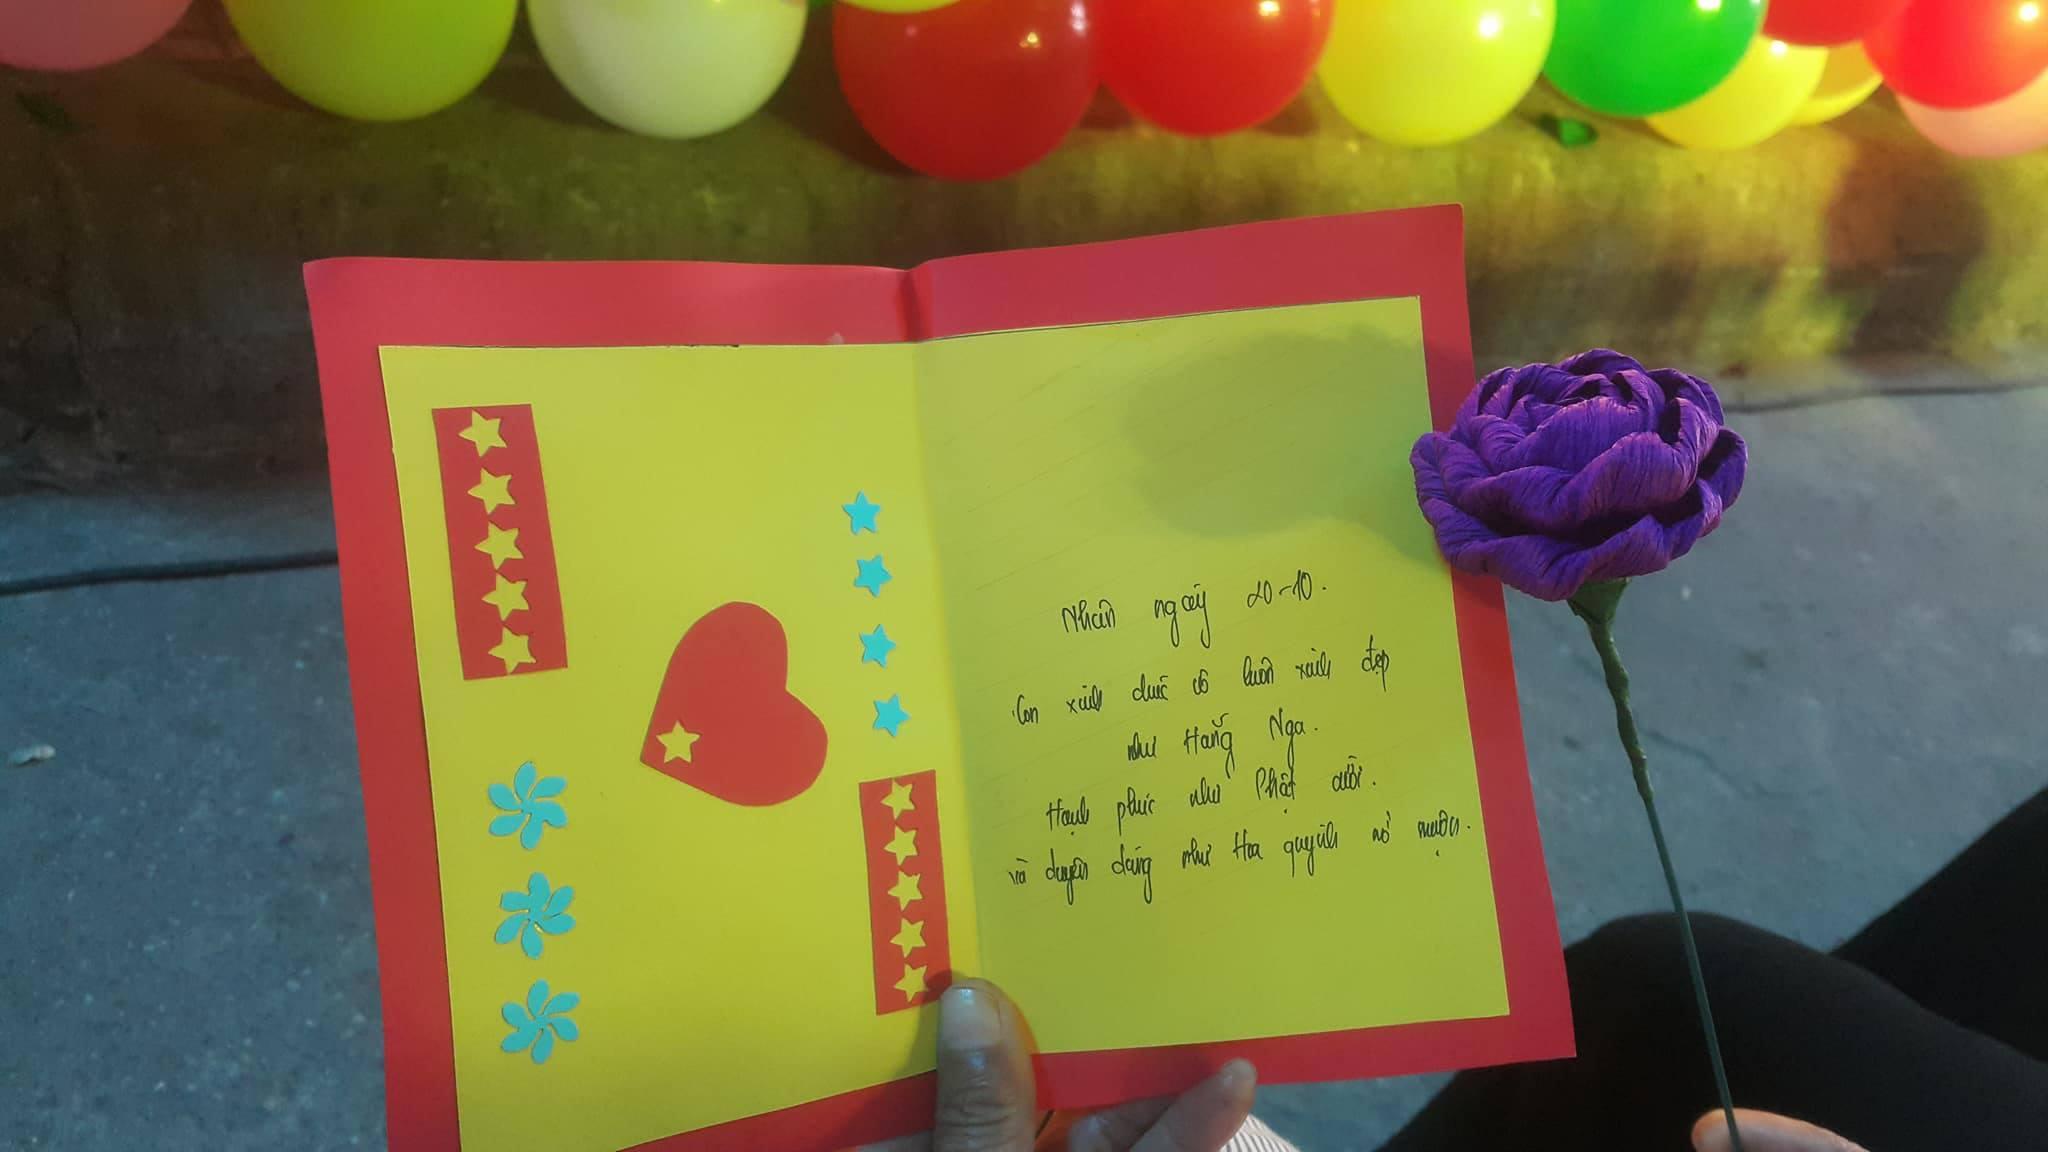 """Đời sống - Ngày 20/10: """"Trao yêu thương – nhận nụ cười"""" tại bệnh viện K2 (Hình 3)."""